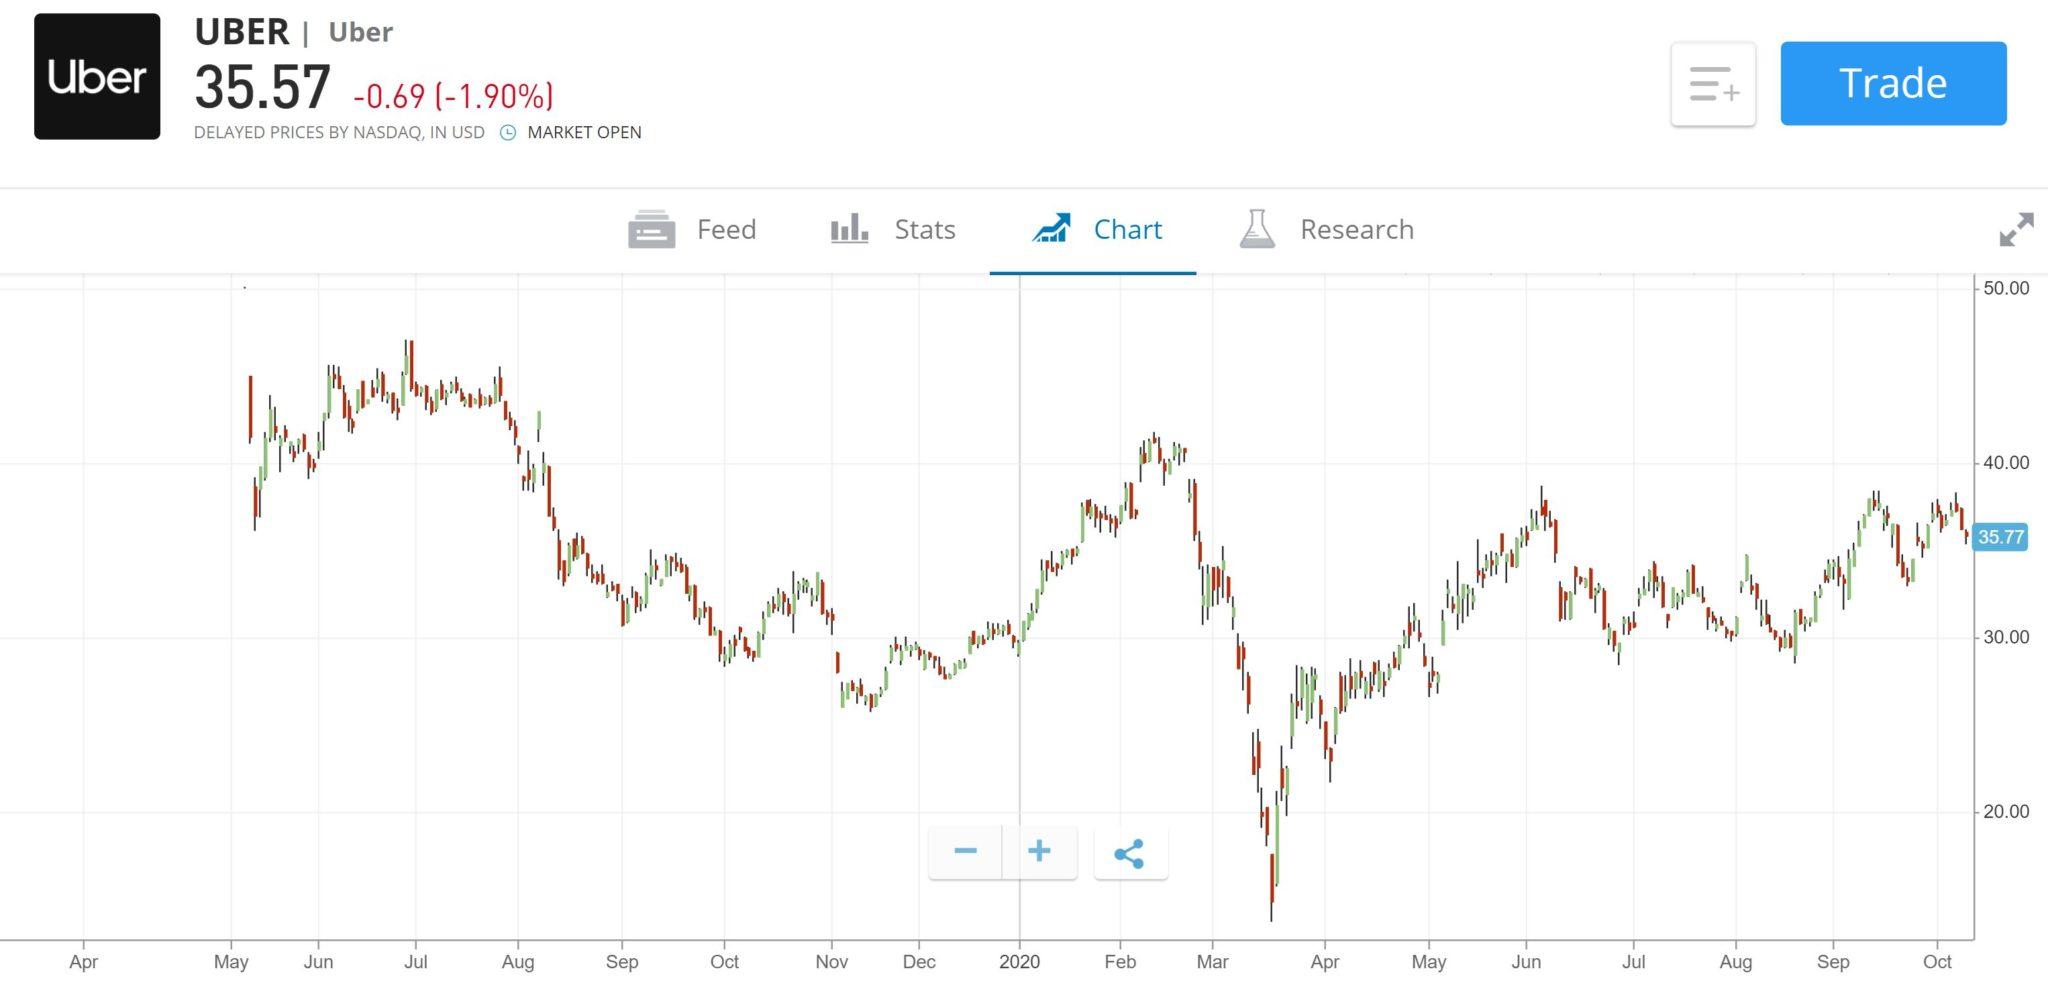 Uber stock price chart eToro